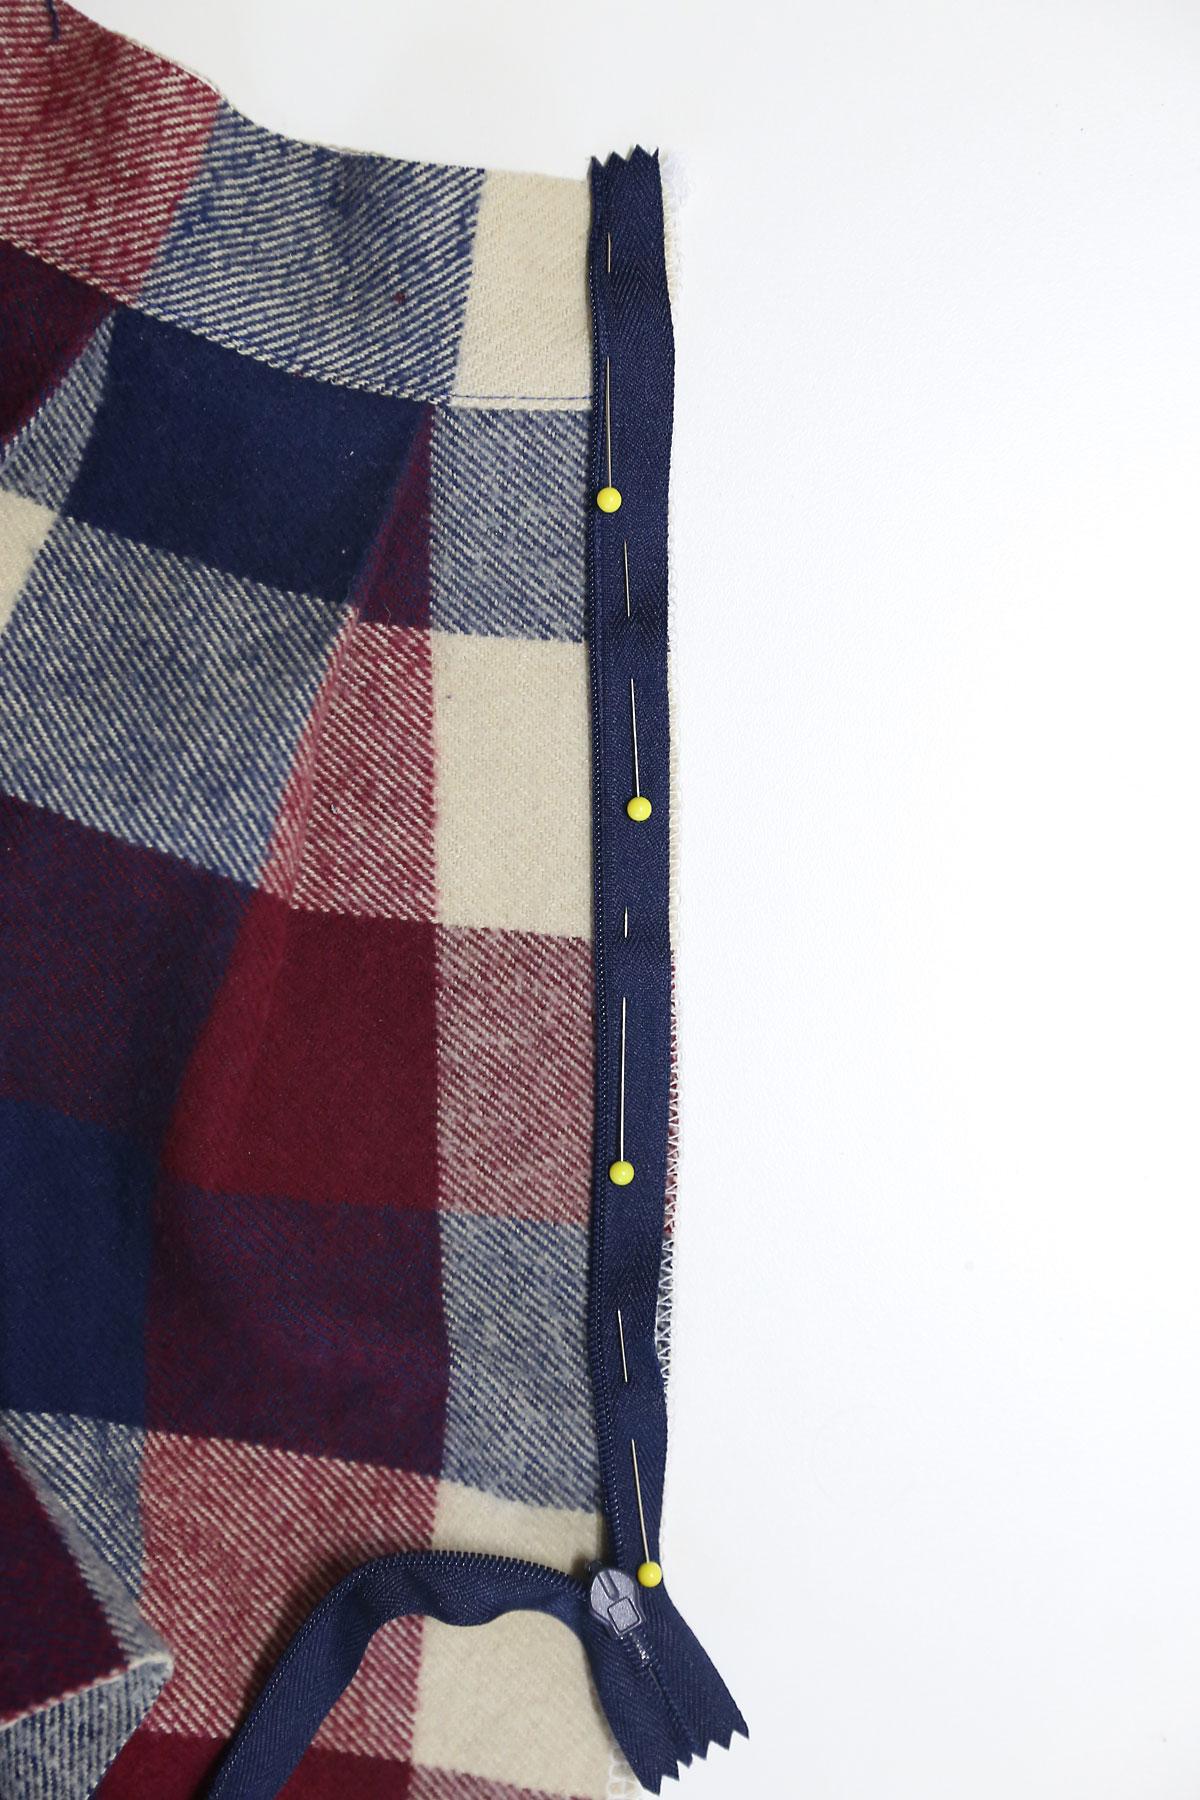 Zipper pinned to raw edge of skirt